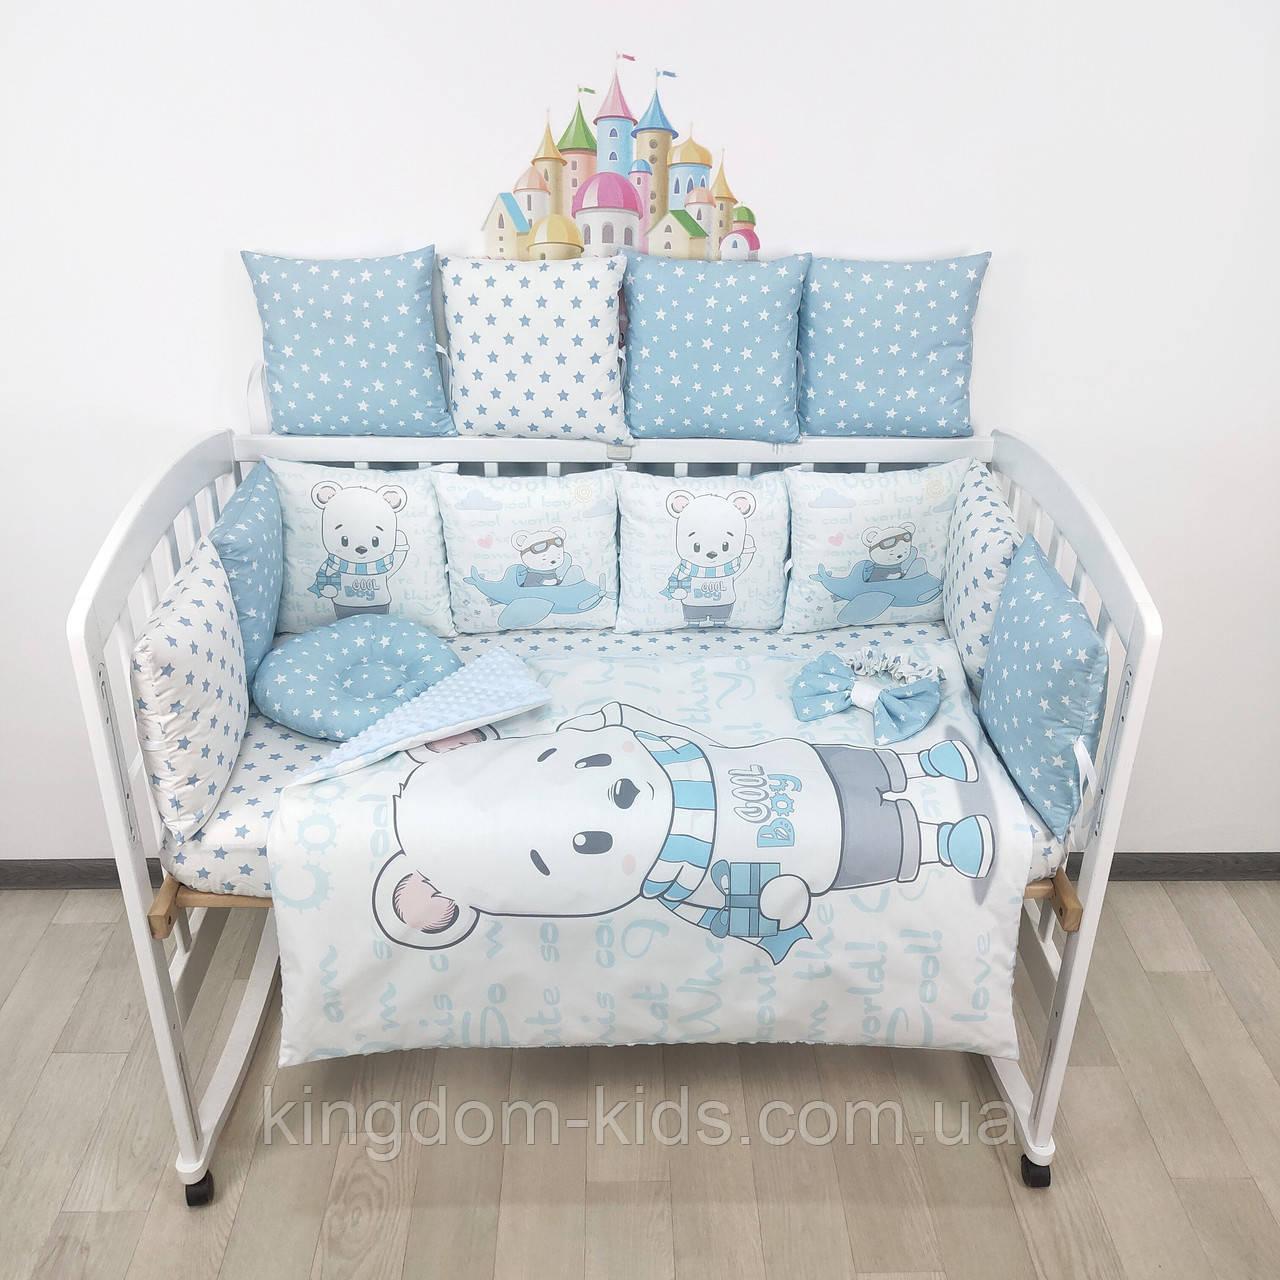 """Комплект бортиков и постельного в кроватку """"Cool BOY!"""" в нежно-голубом цвете"""